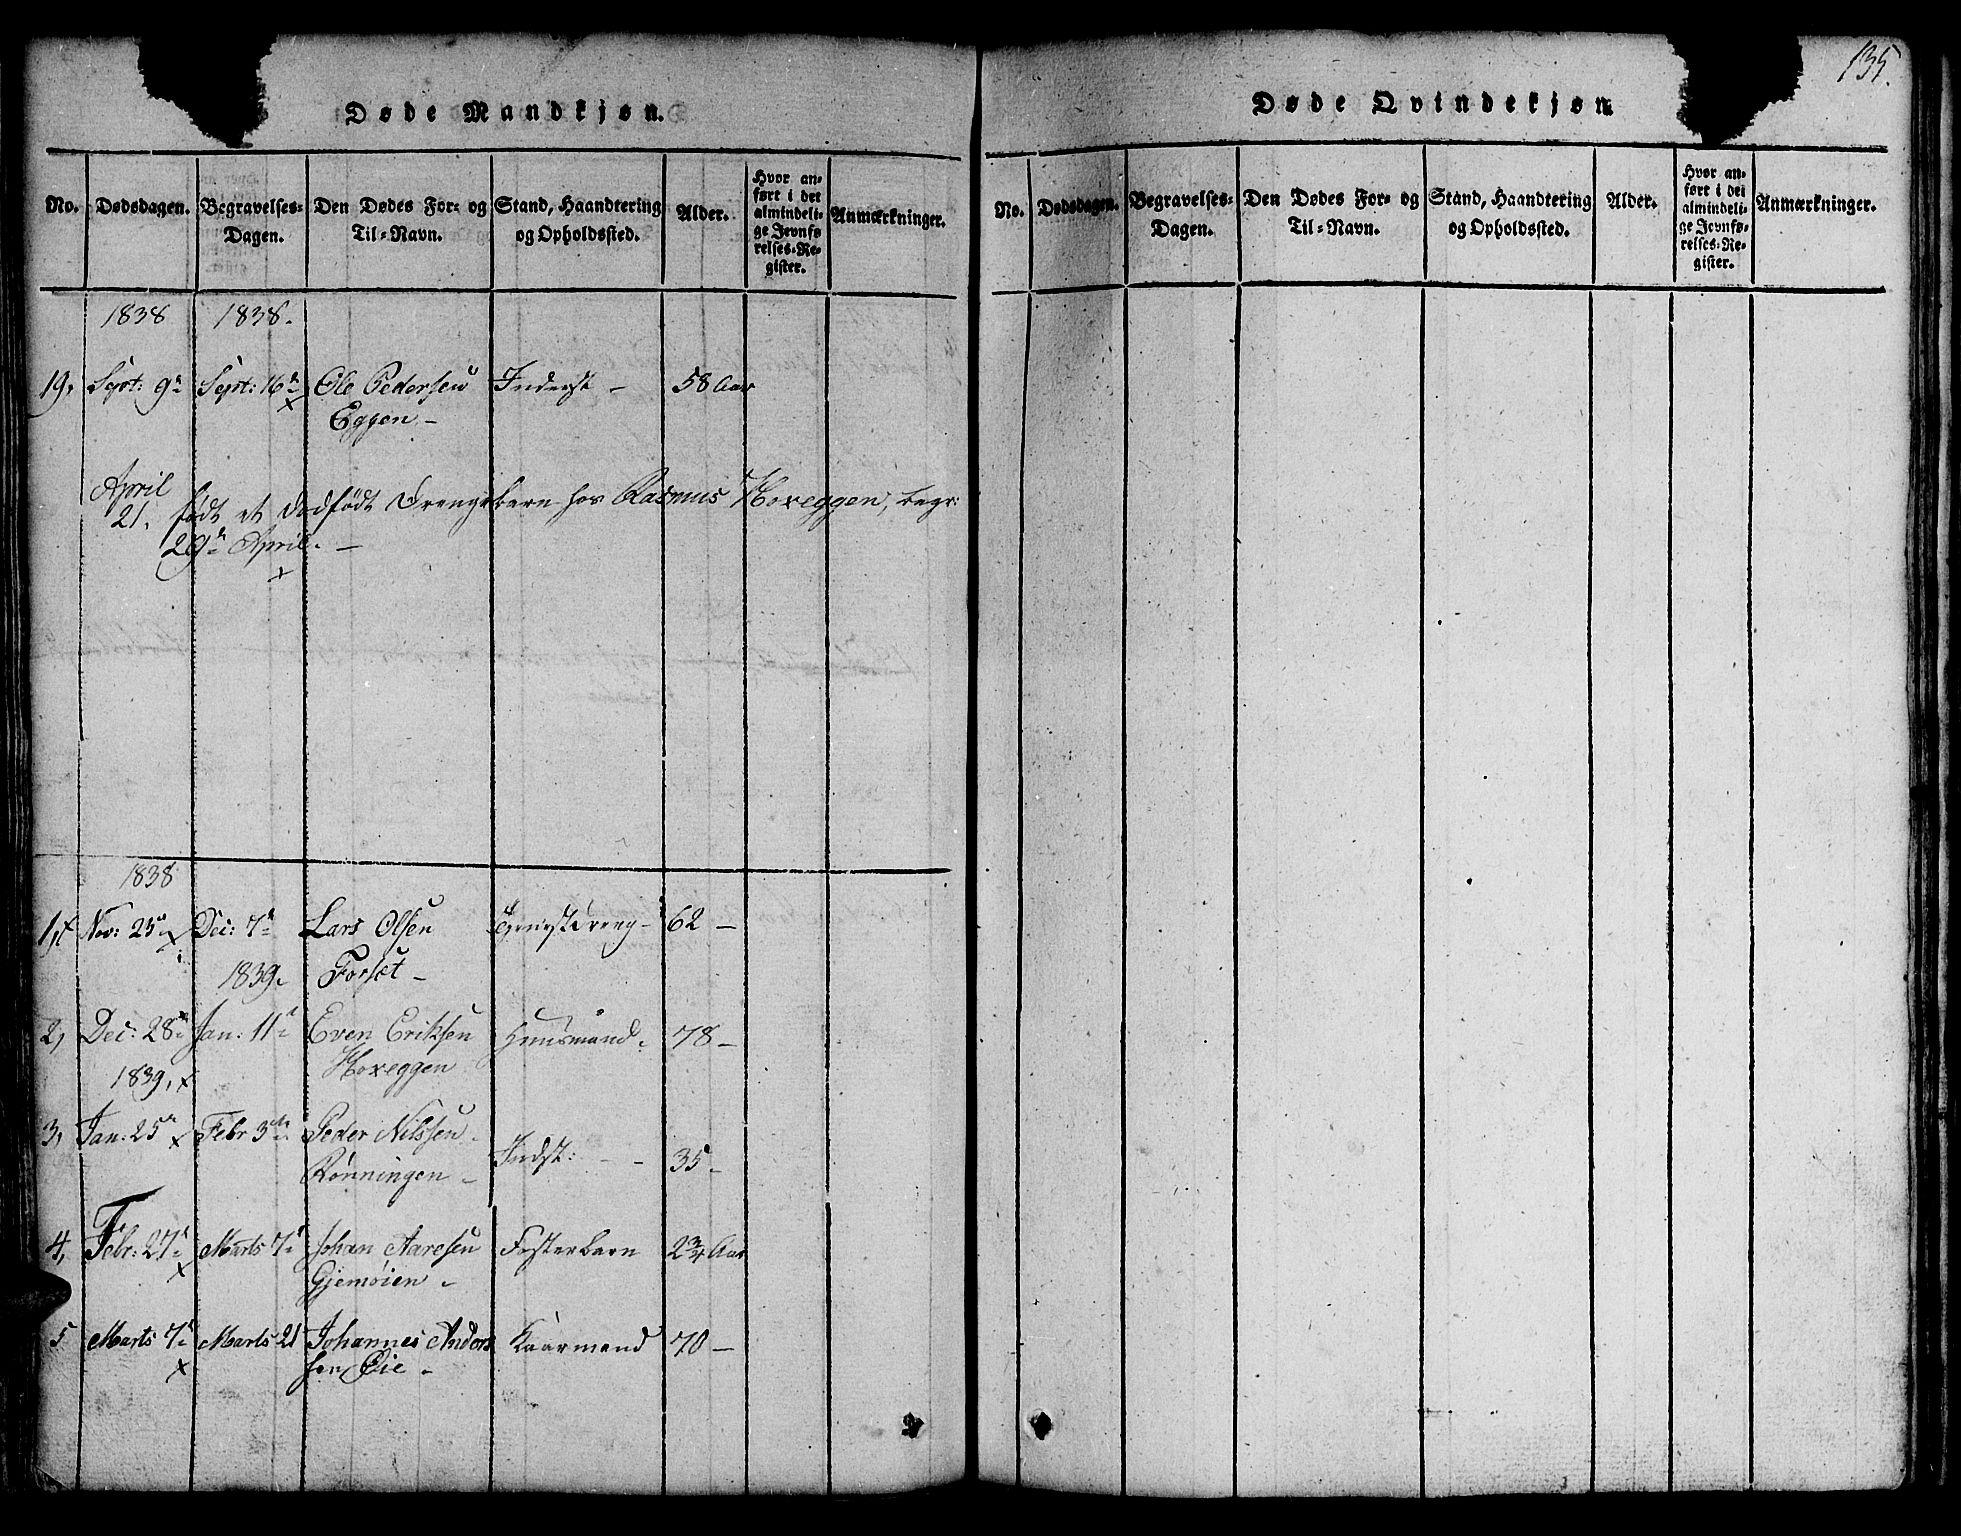 SAT, Ministerialprotokoller, klokkerbøker og fødselsregistre - Sør-Trøndelag, 691/L1092: Klokkerbok nr. 691C03, 1816-1852, s. 135